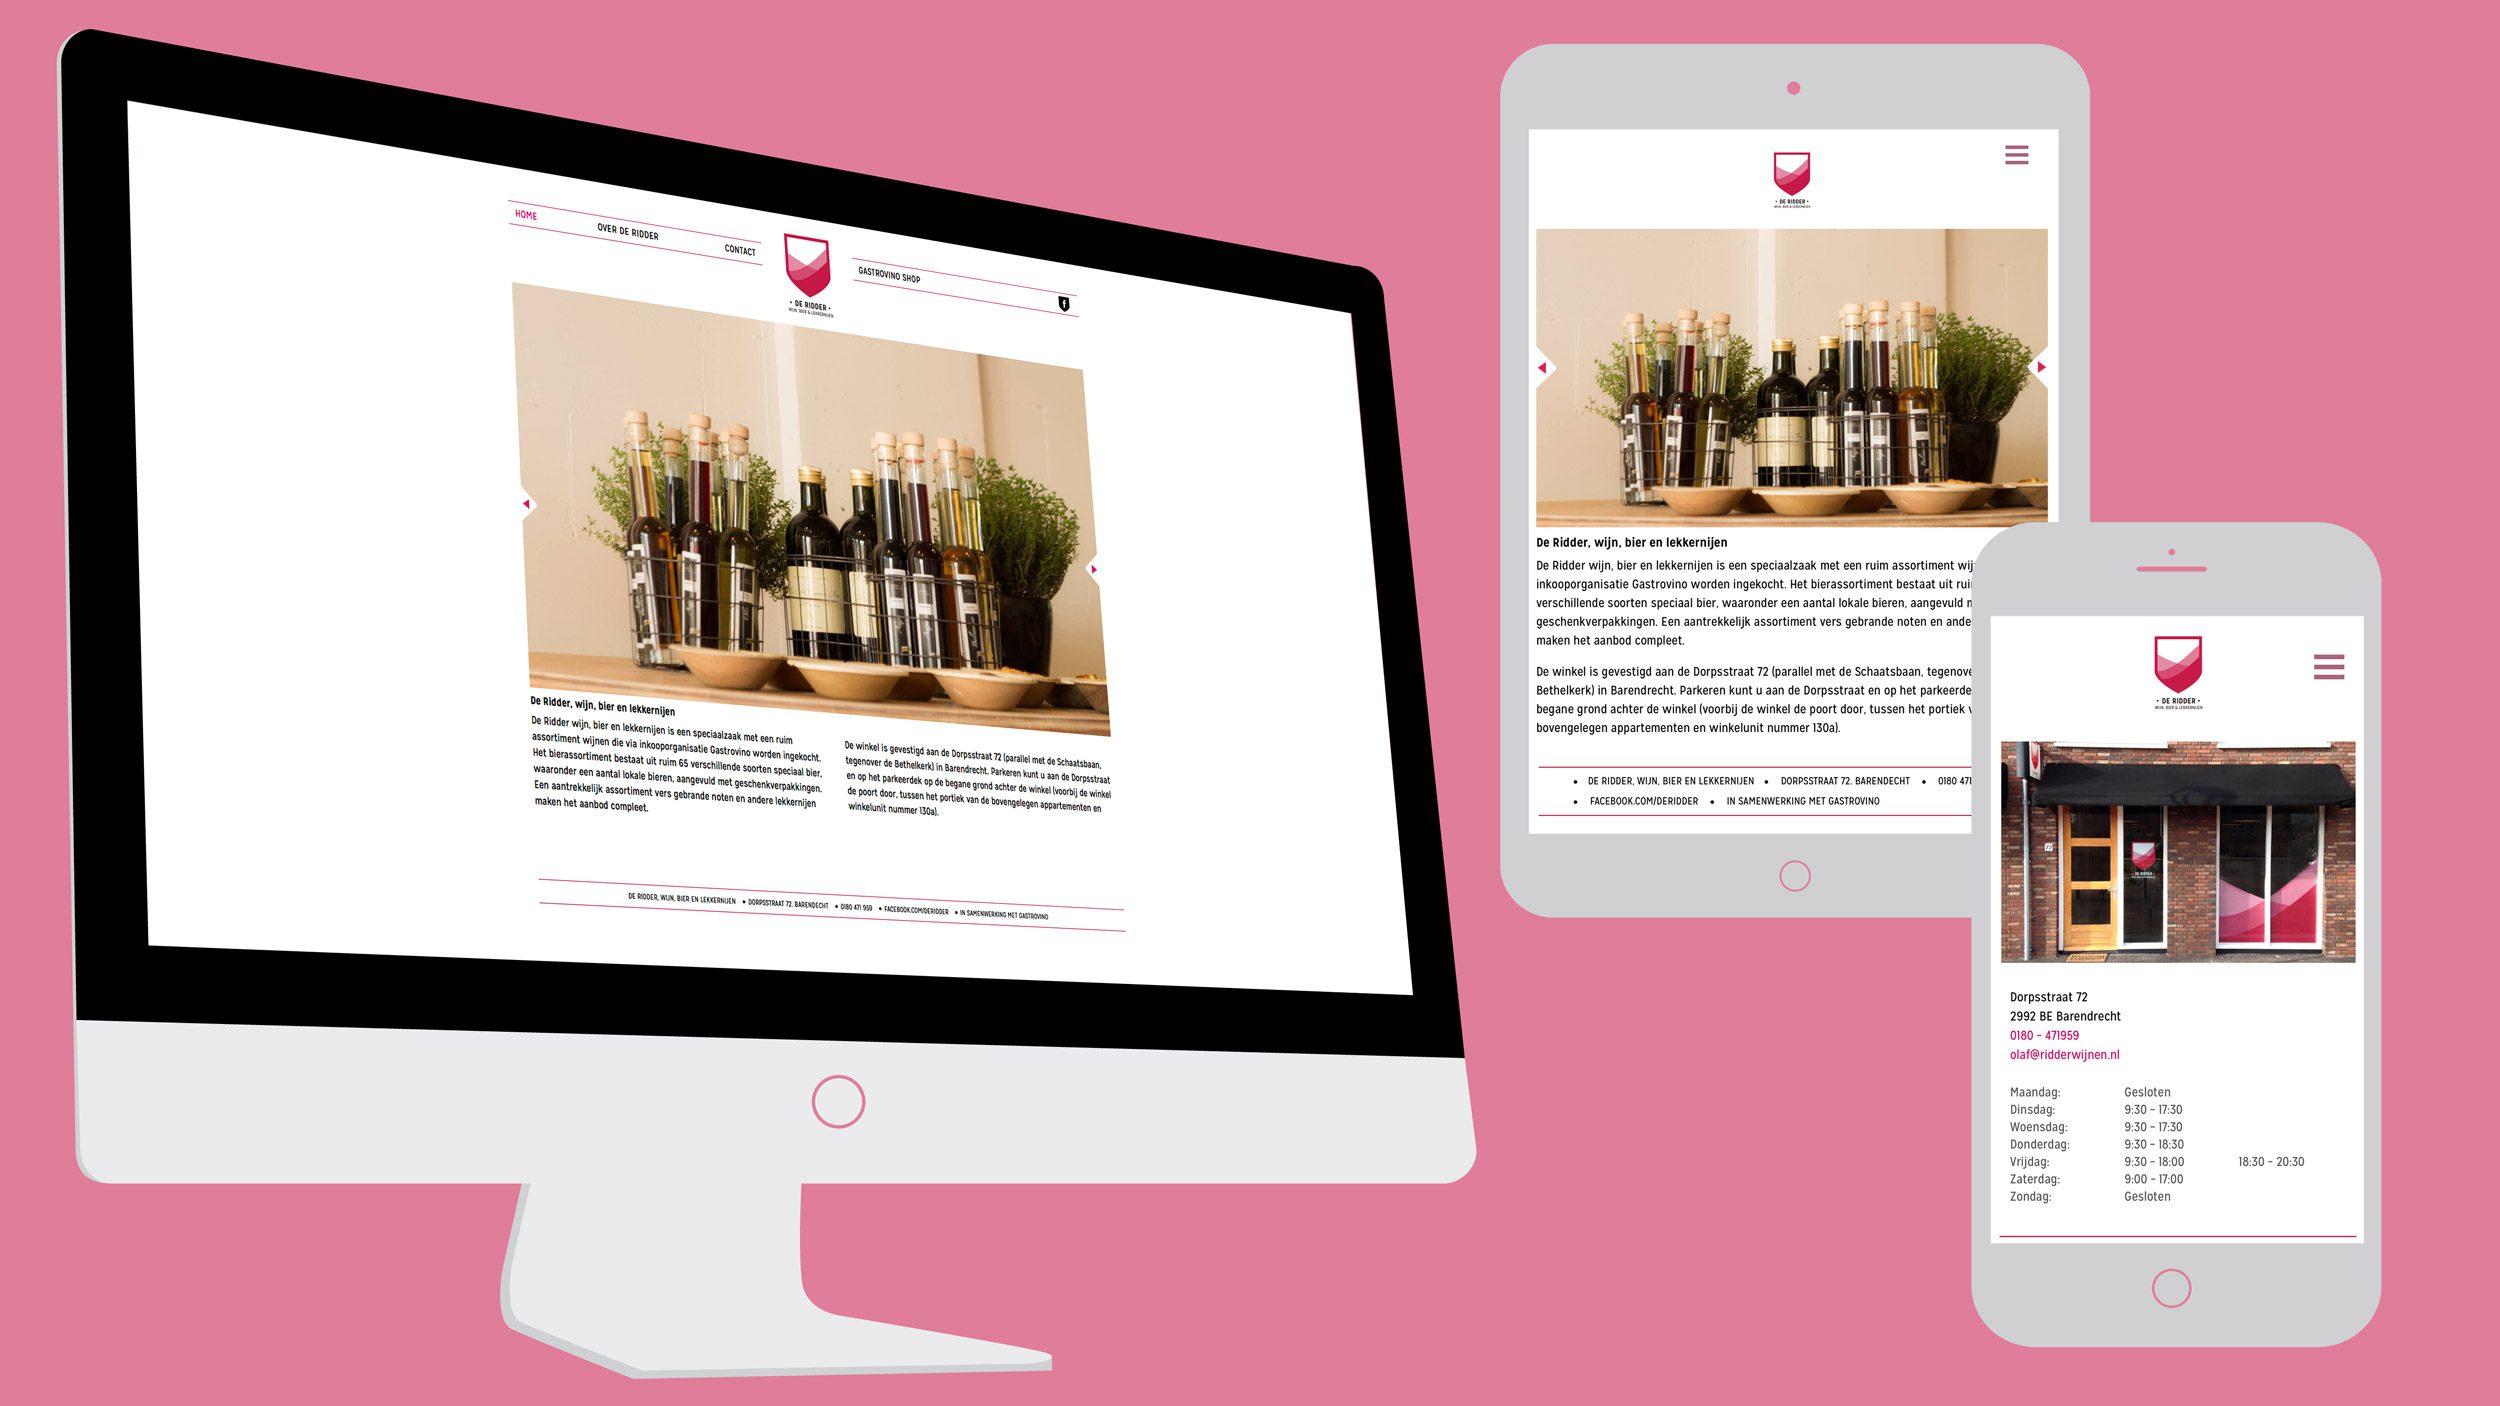 De Ridder, wijn, bier en lekkernijen, website, Mixus studio